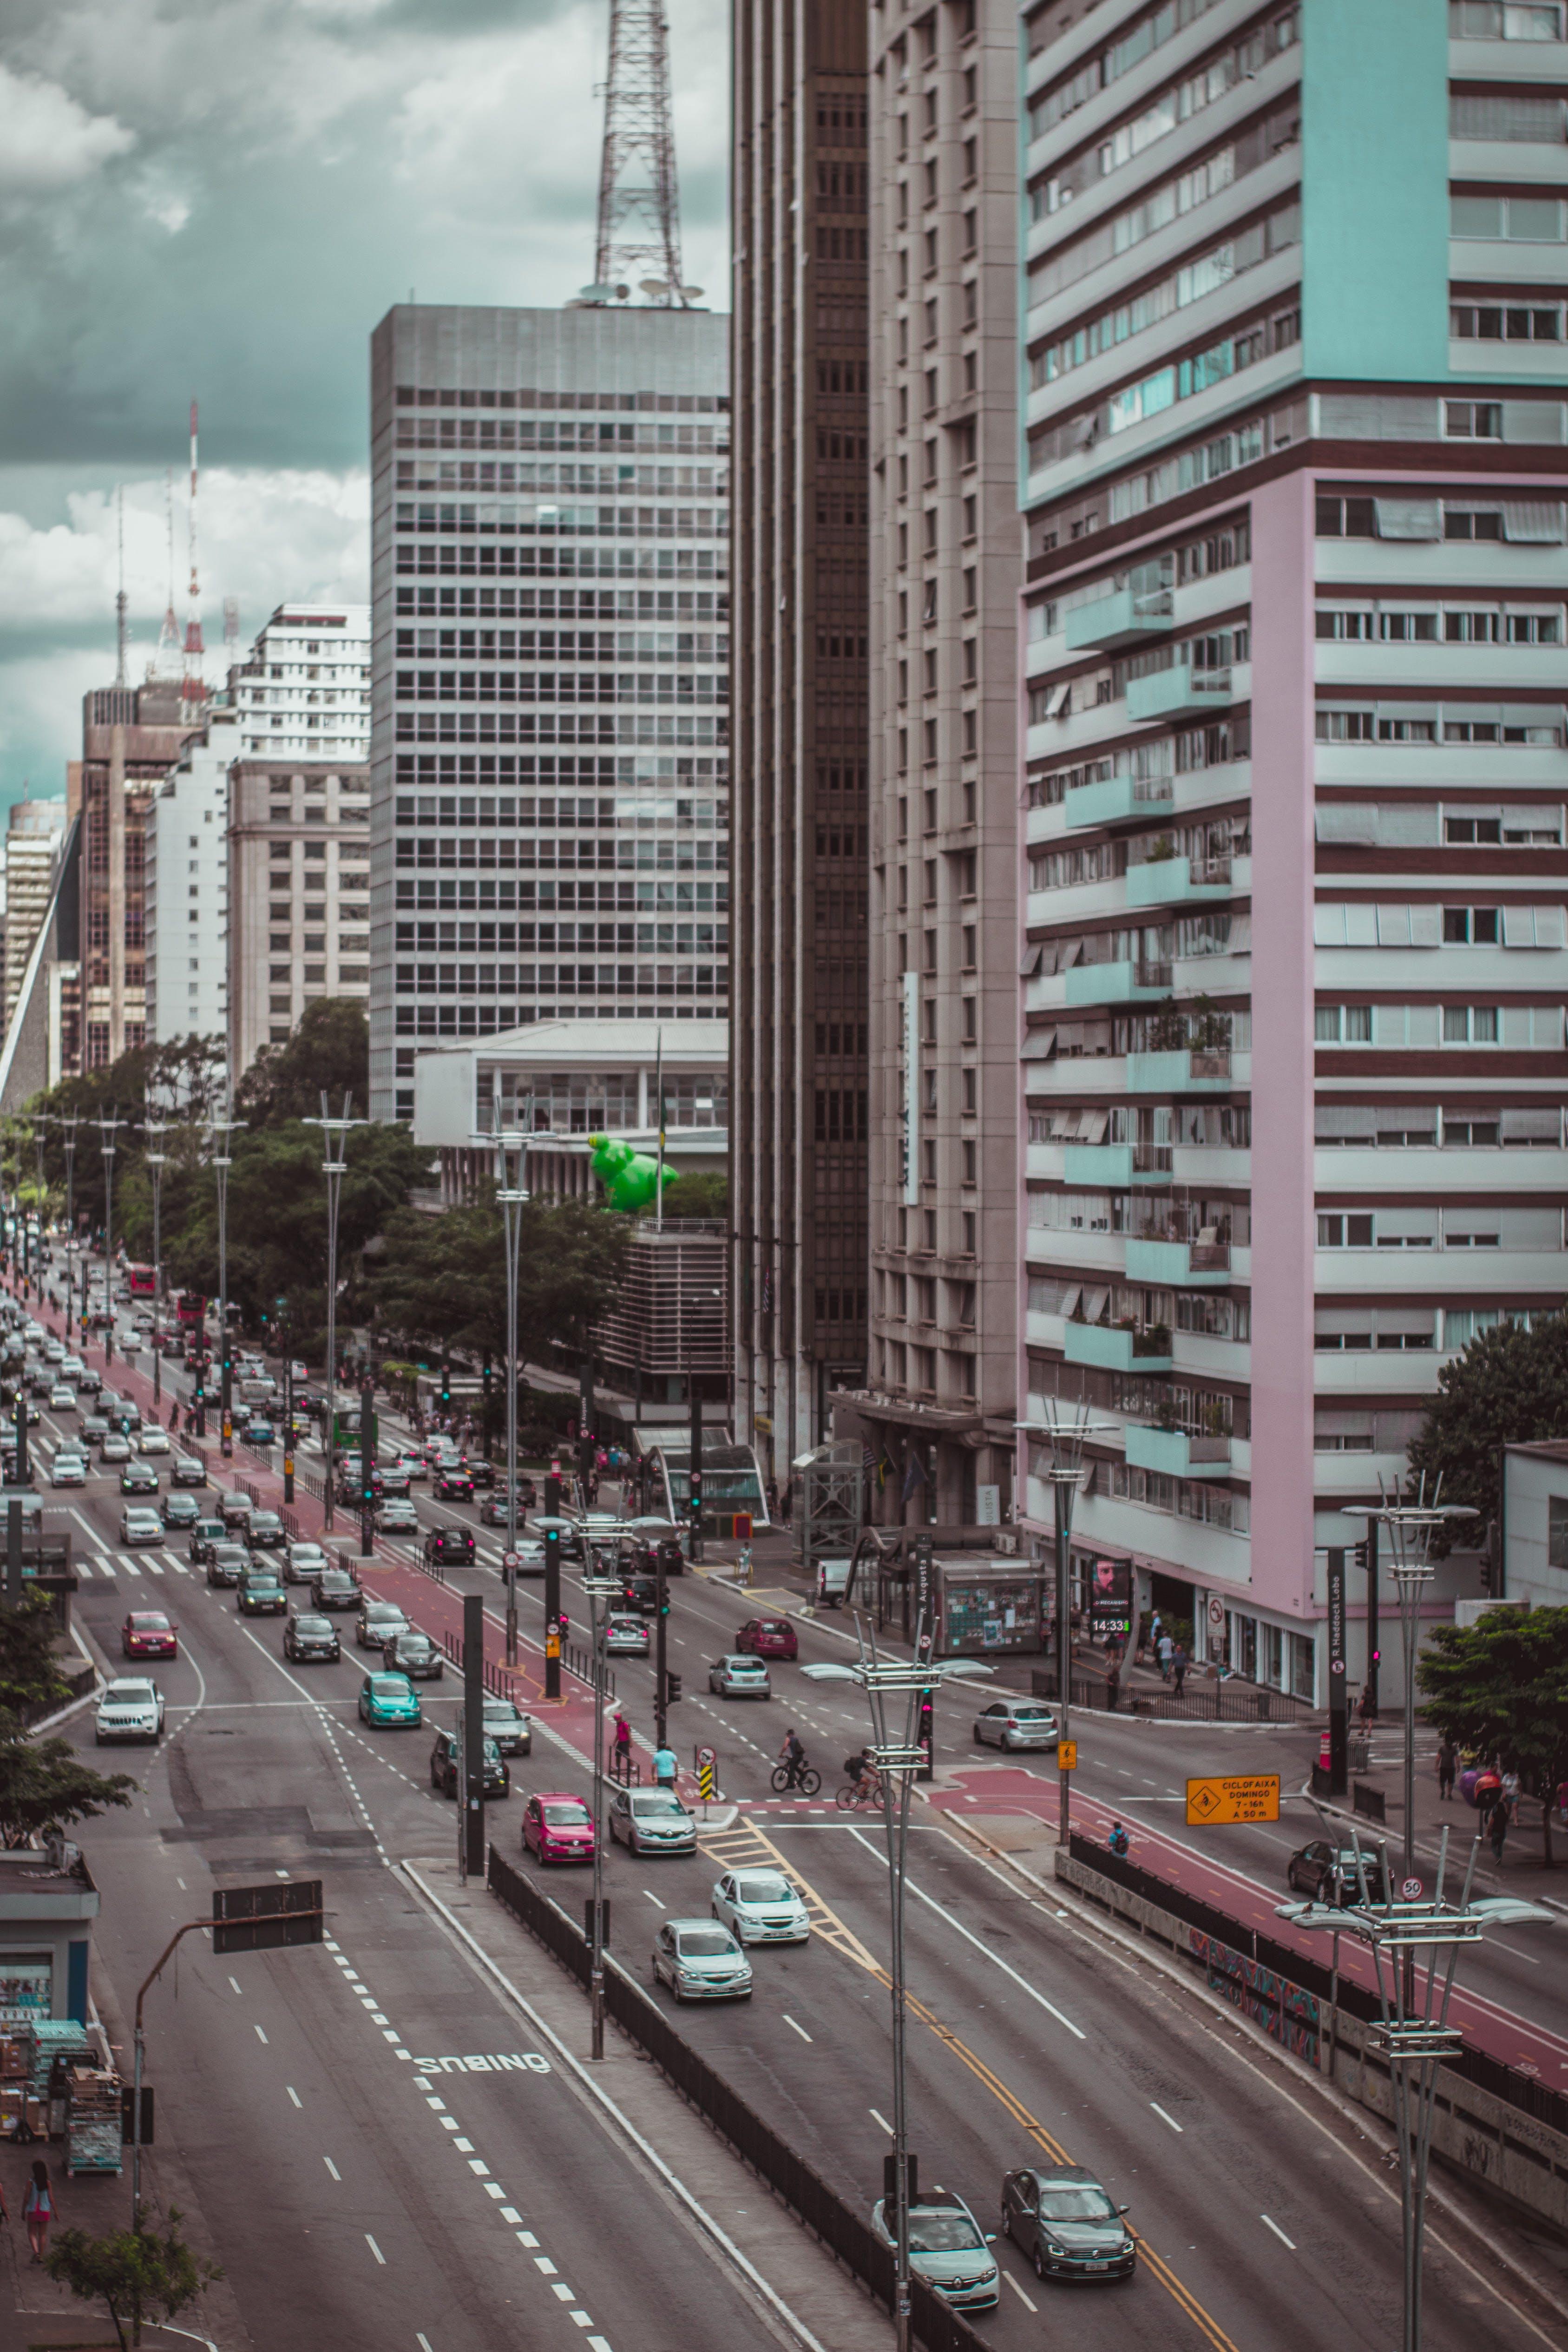 Kostenloses Stock Foto zu architektur, autobahn, autos, bäume